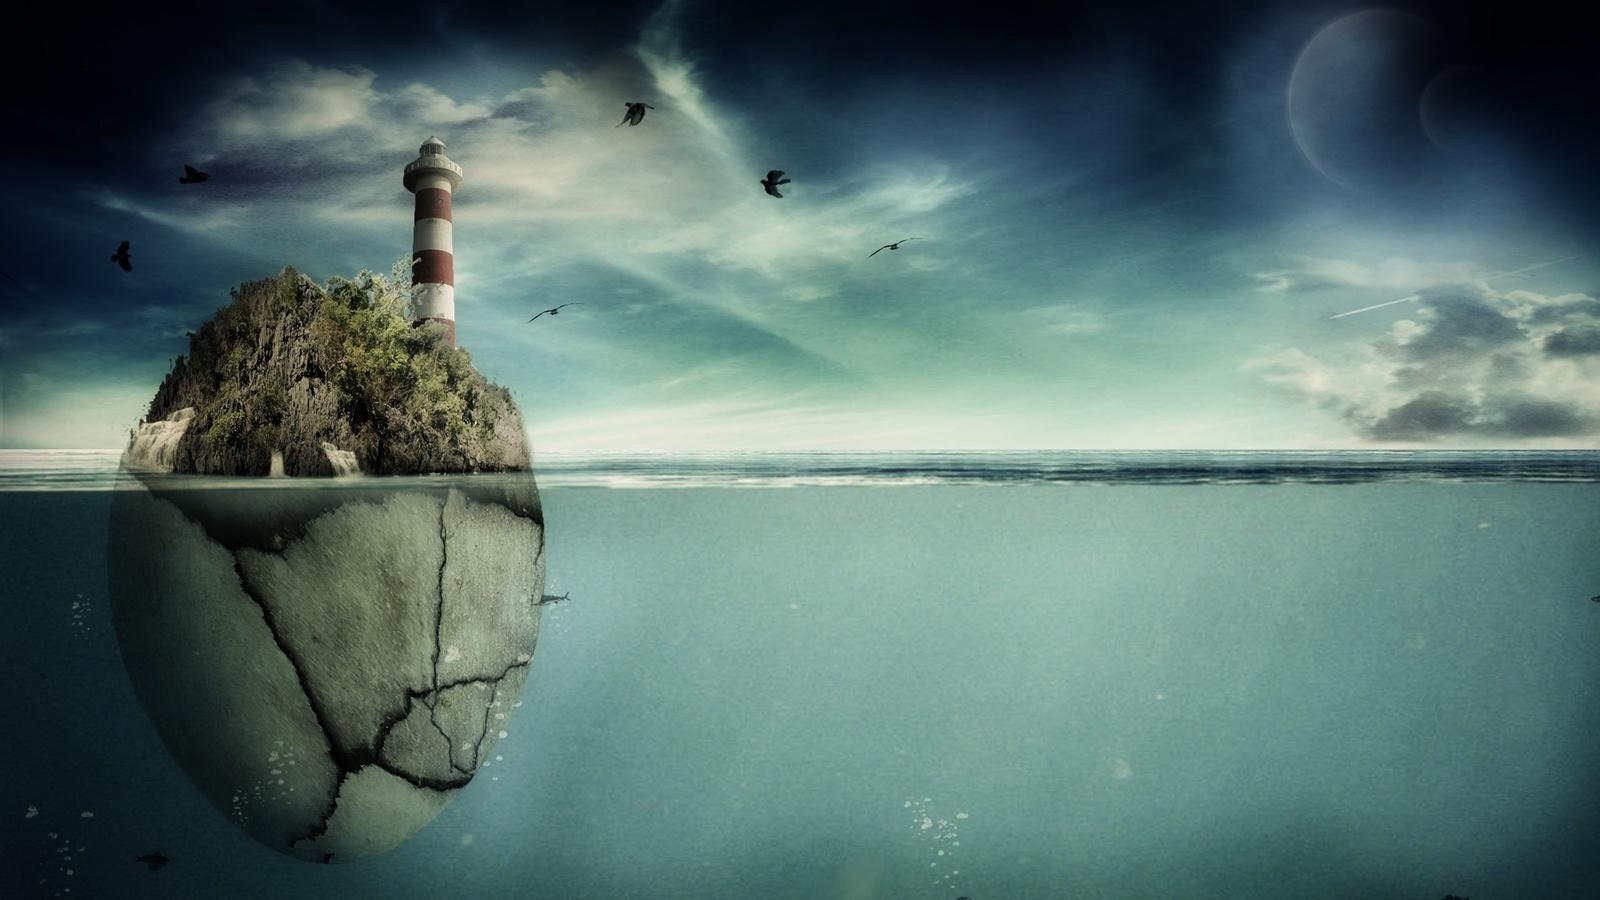 планеты, рыбы, скала, море, маяк, Арт, pranjal22, птицы